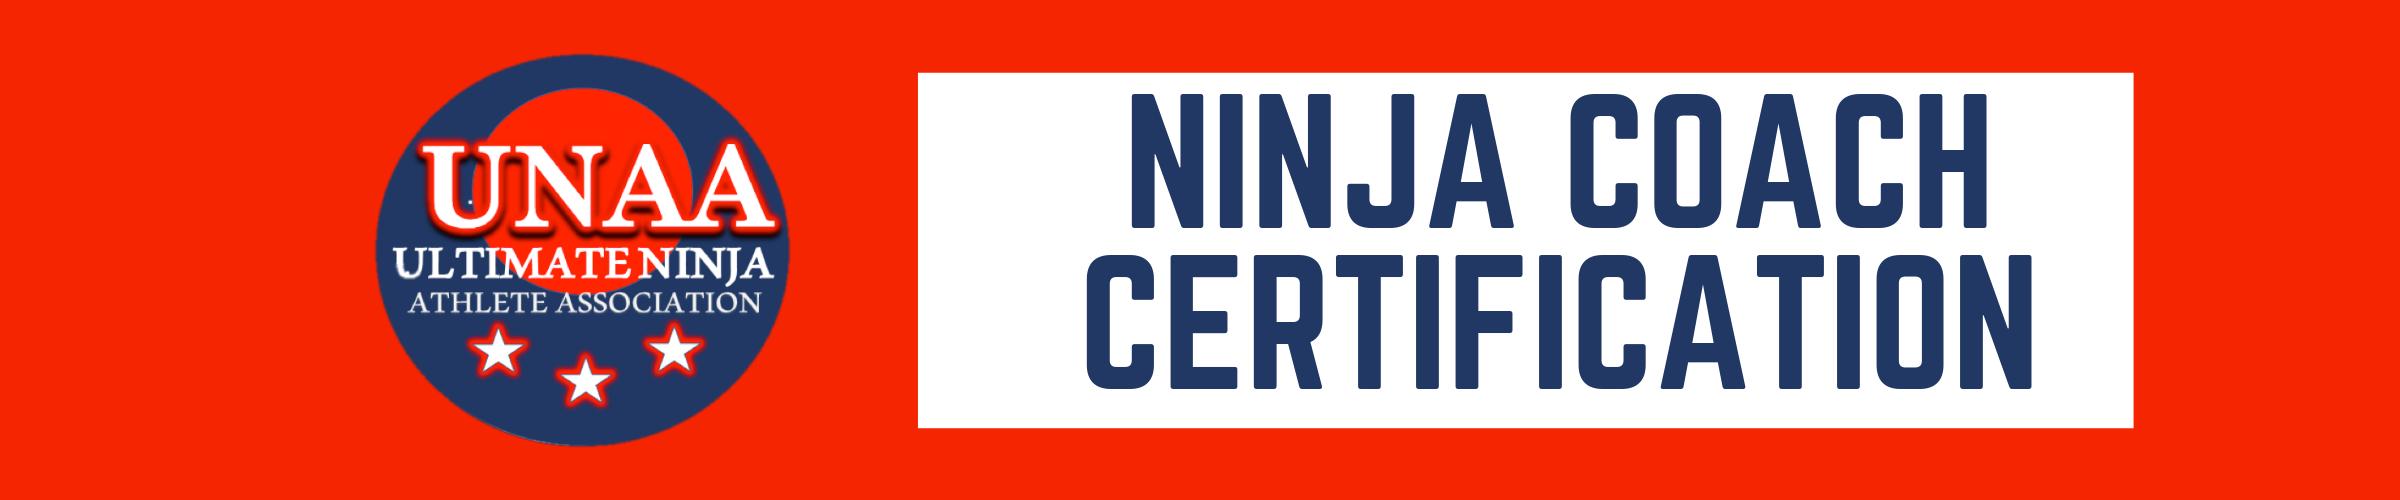 World OCR - OCR Ninja Coach Certification